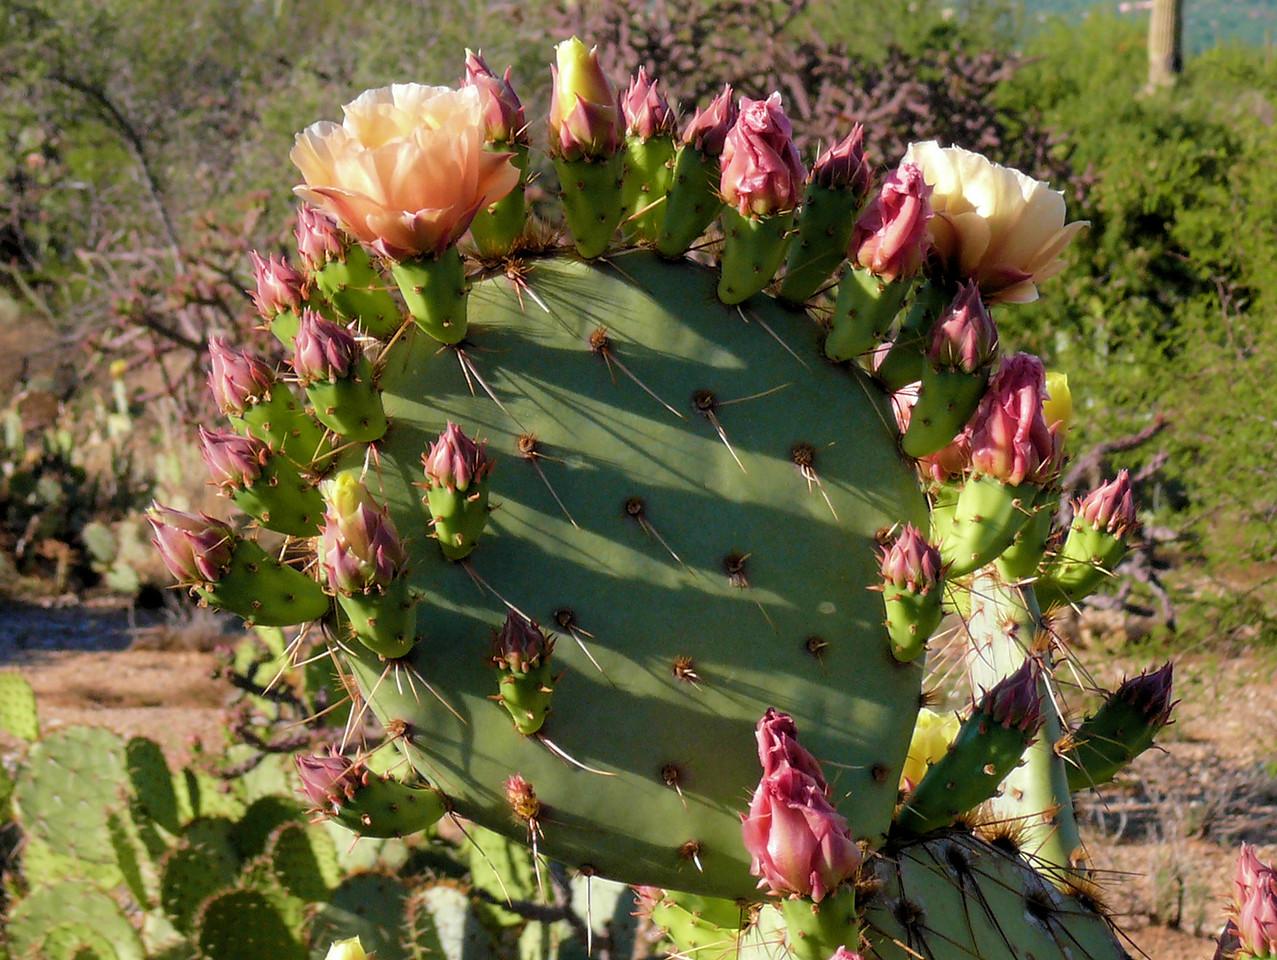 Circle-of-Cactus Blossums